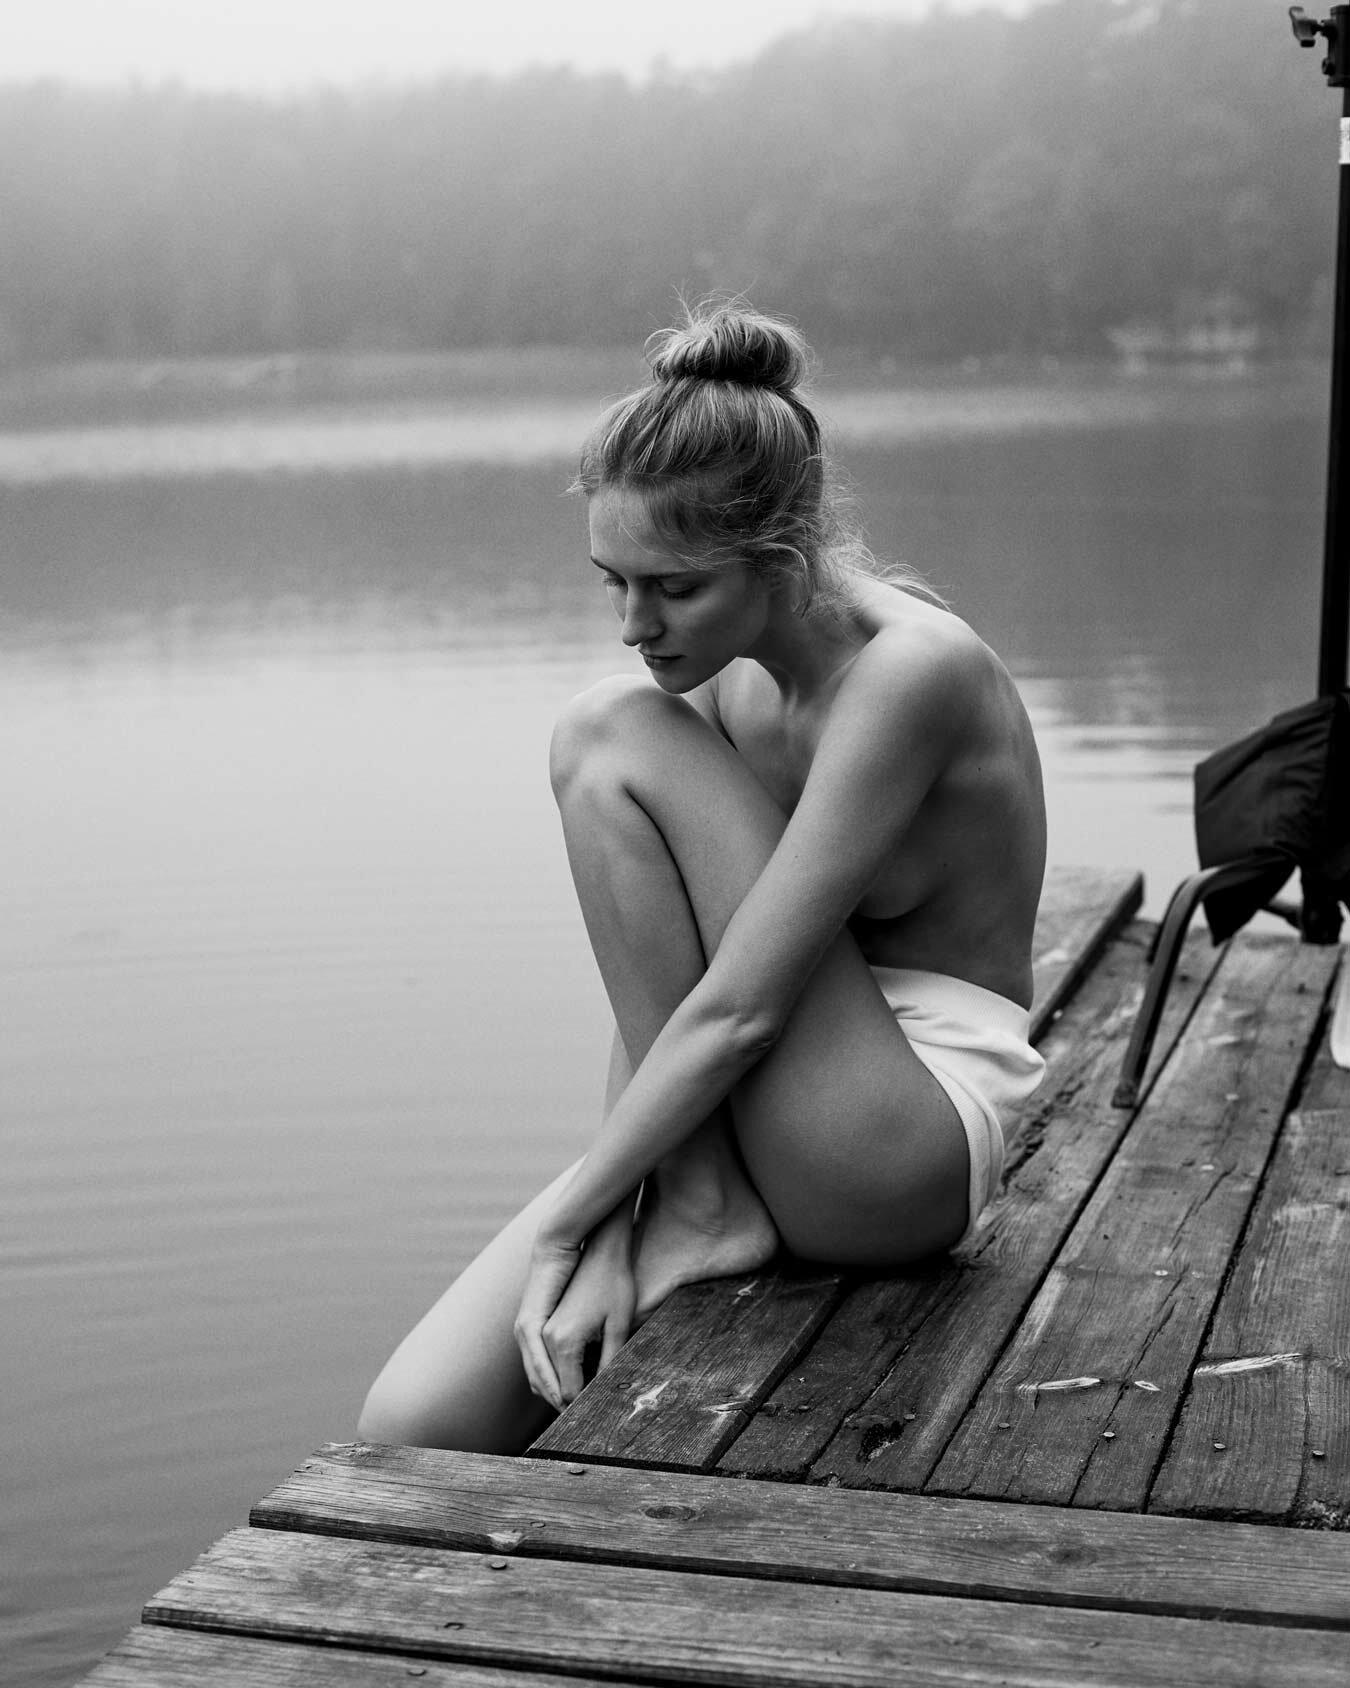 Mija by Rokas Darulis